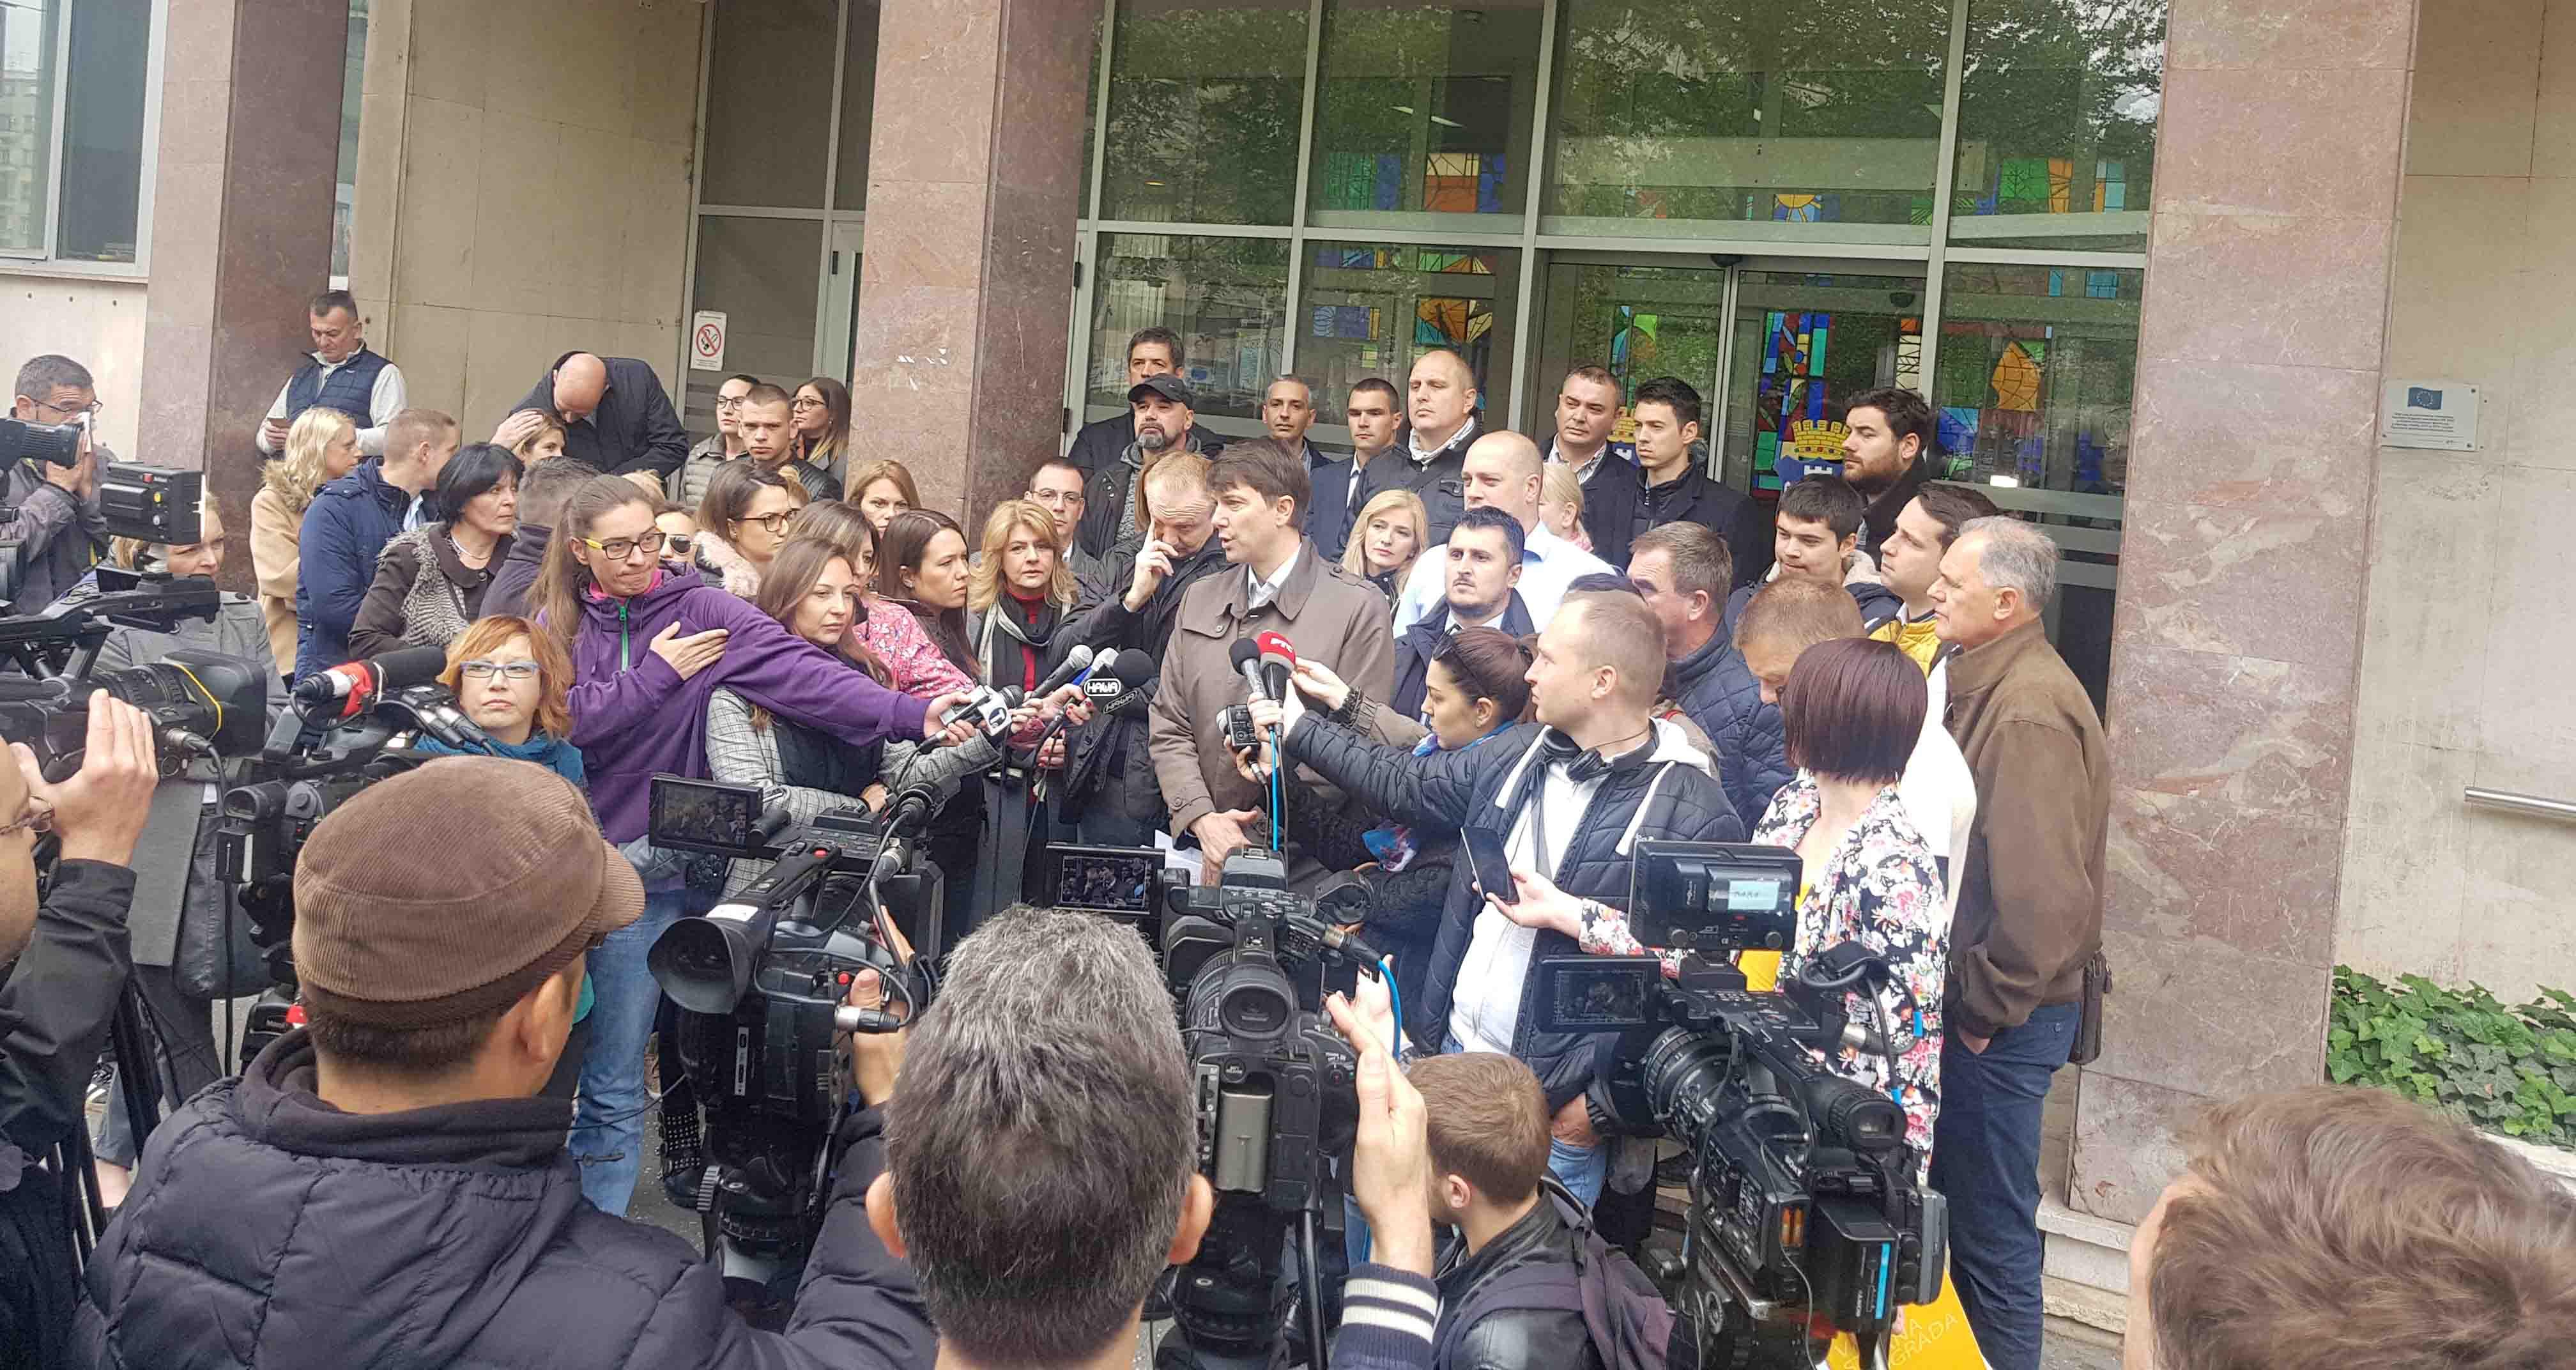 Јовановић: Неће бити гигантске пешачке зоне у центру Београда а да се грађани не питају